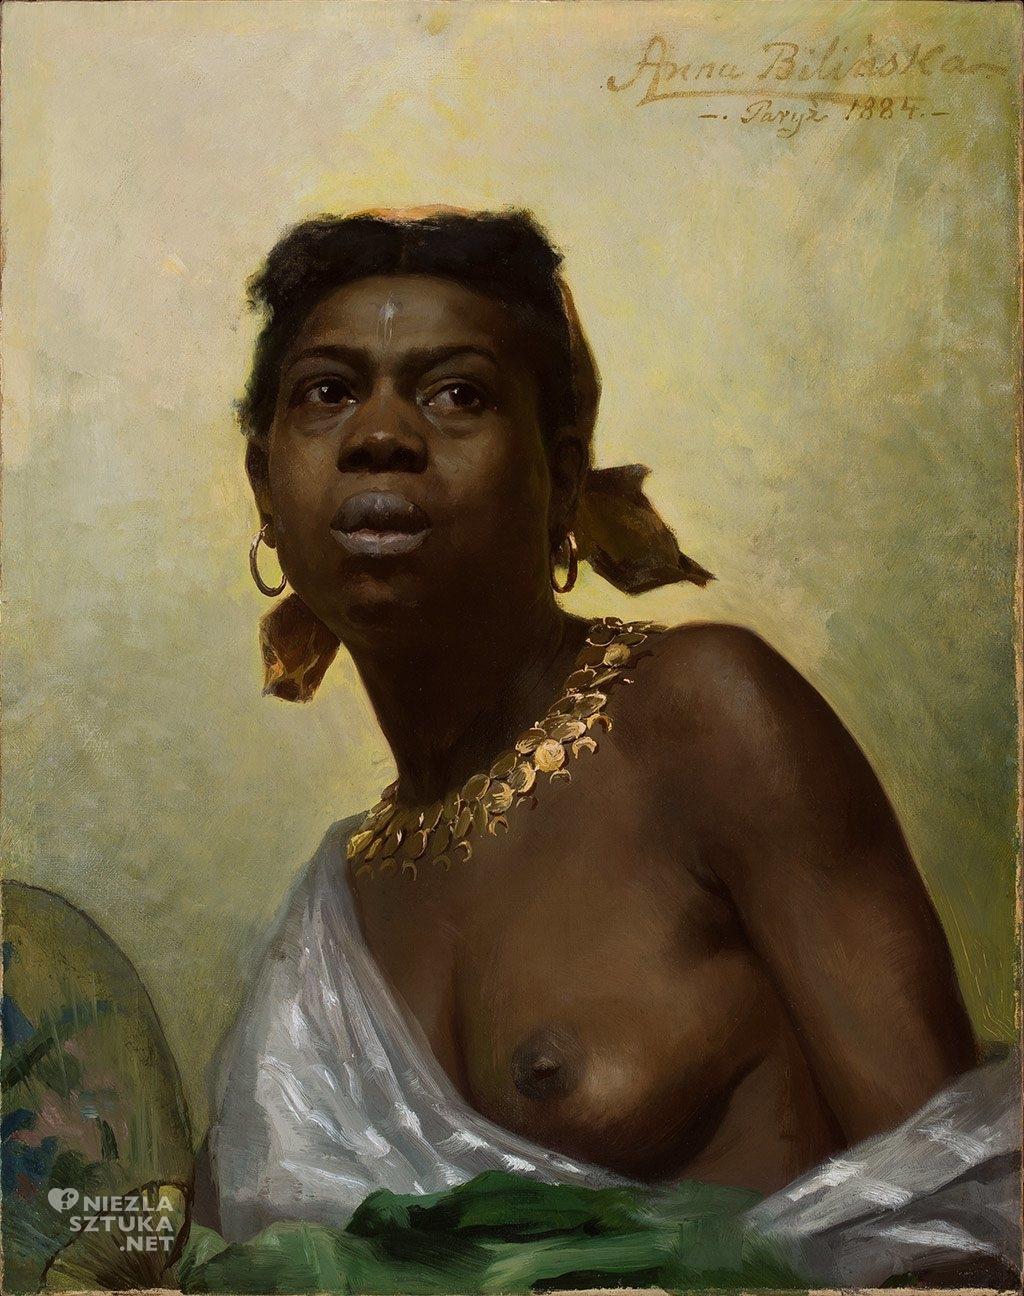 Anna Bilińska-Bohdanowiczowa Murzynka | 1884, olej na płótnie, 64 x 50 cm, fot.: Muzeum Narodowe w Warszawie